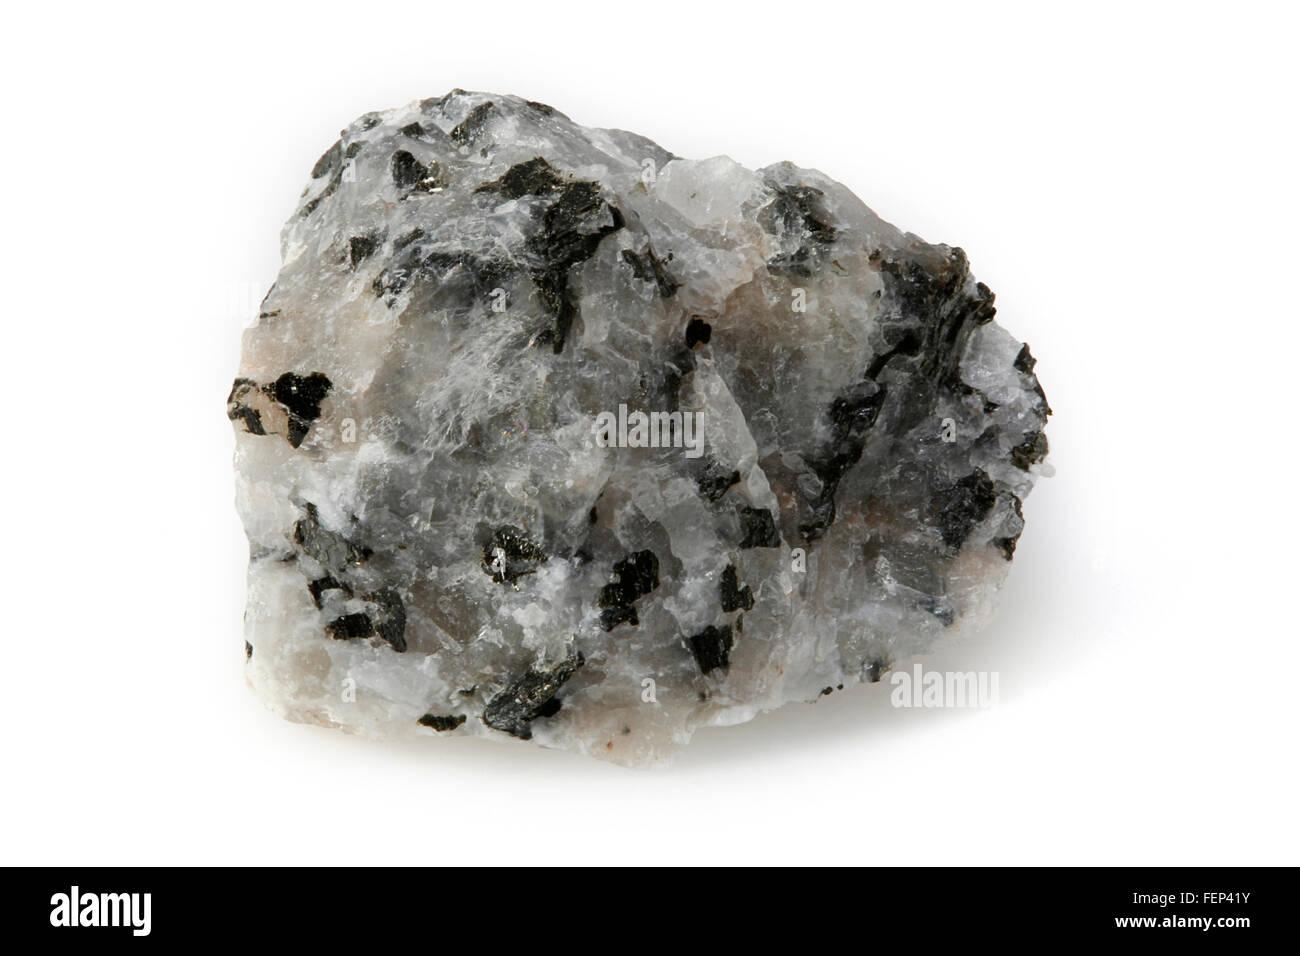 Adamellite (Quartz monzonite) an intrusive, felsic, igneous rock - Stock Image